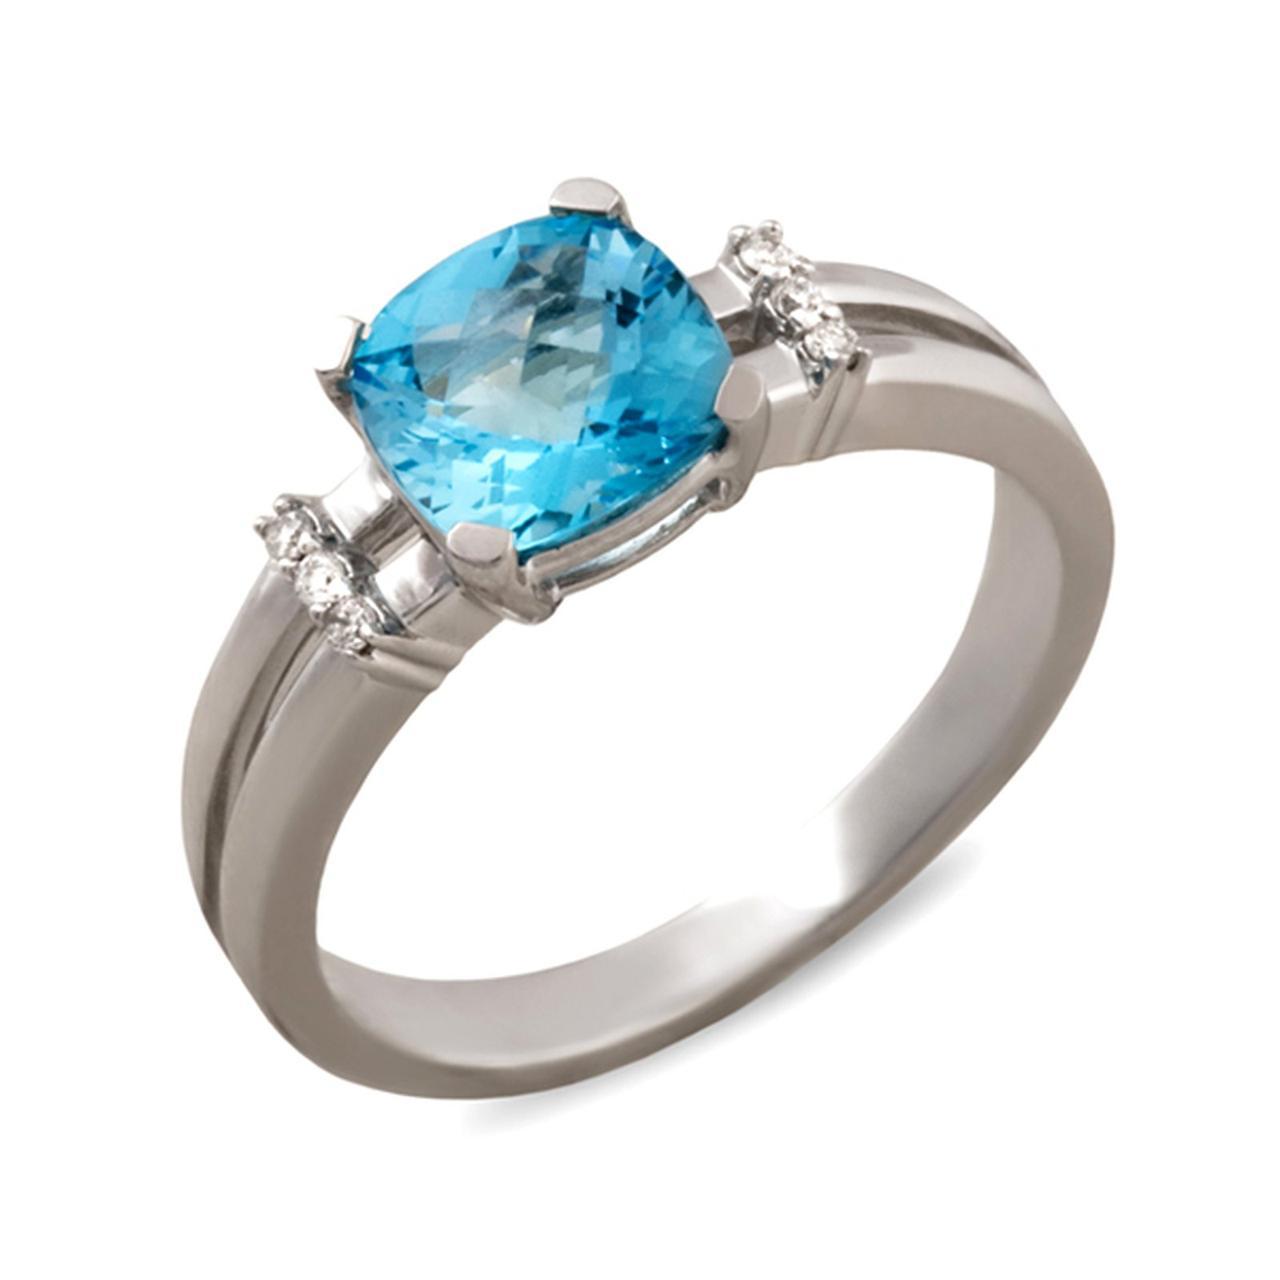 Золотое кольцо с бриллиантами и топазом, размер 17 (003752)